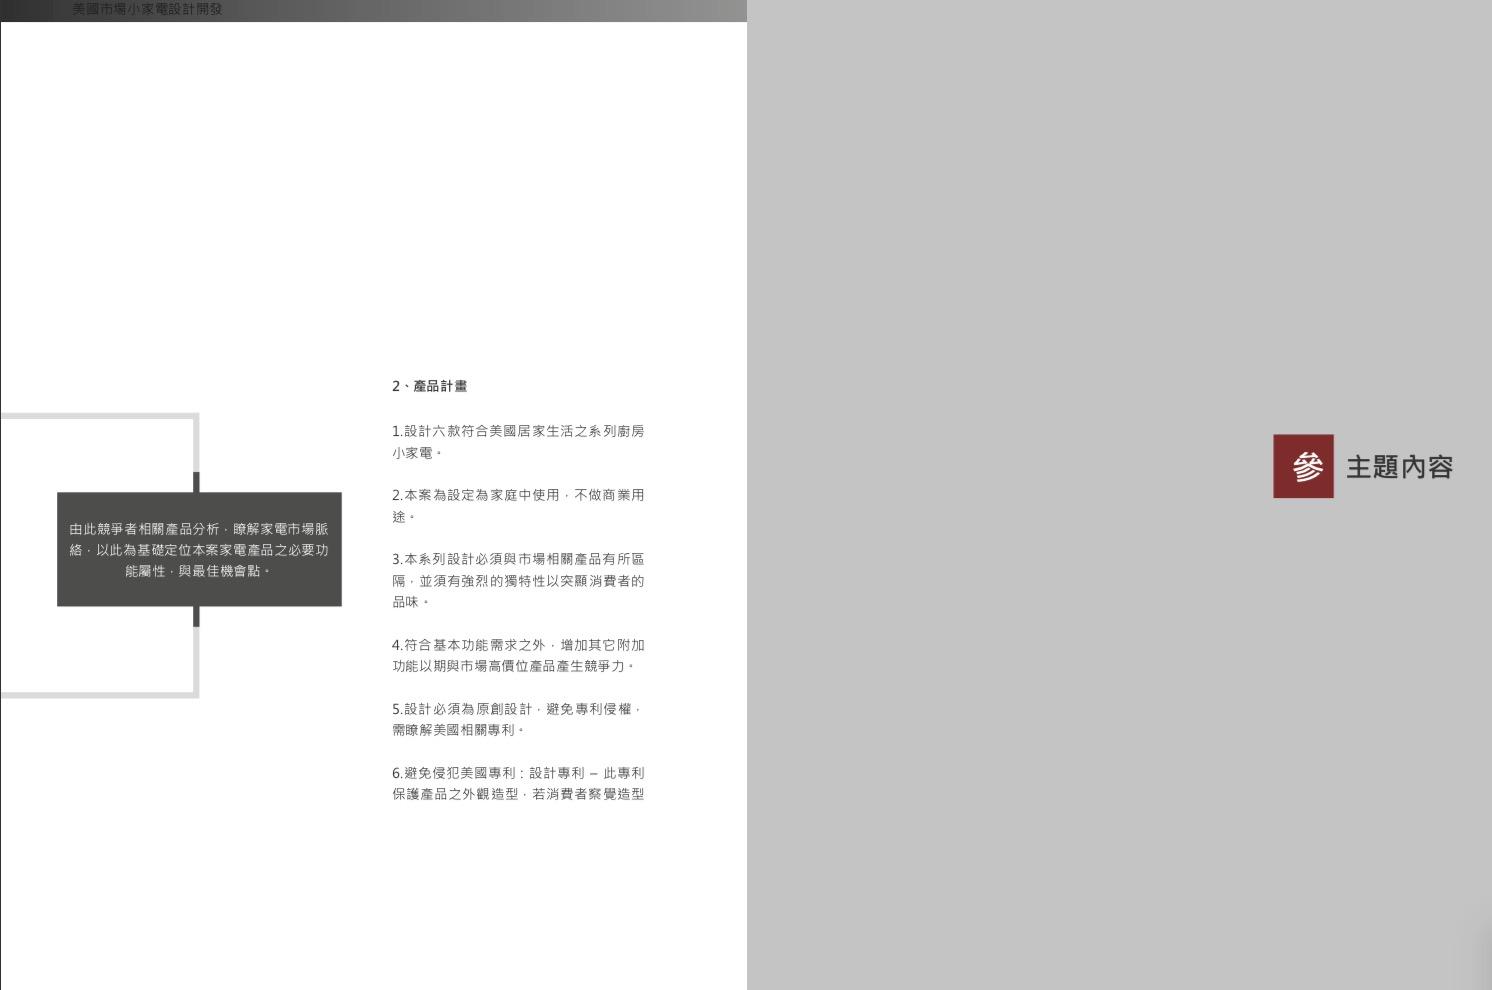 設計規範定義